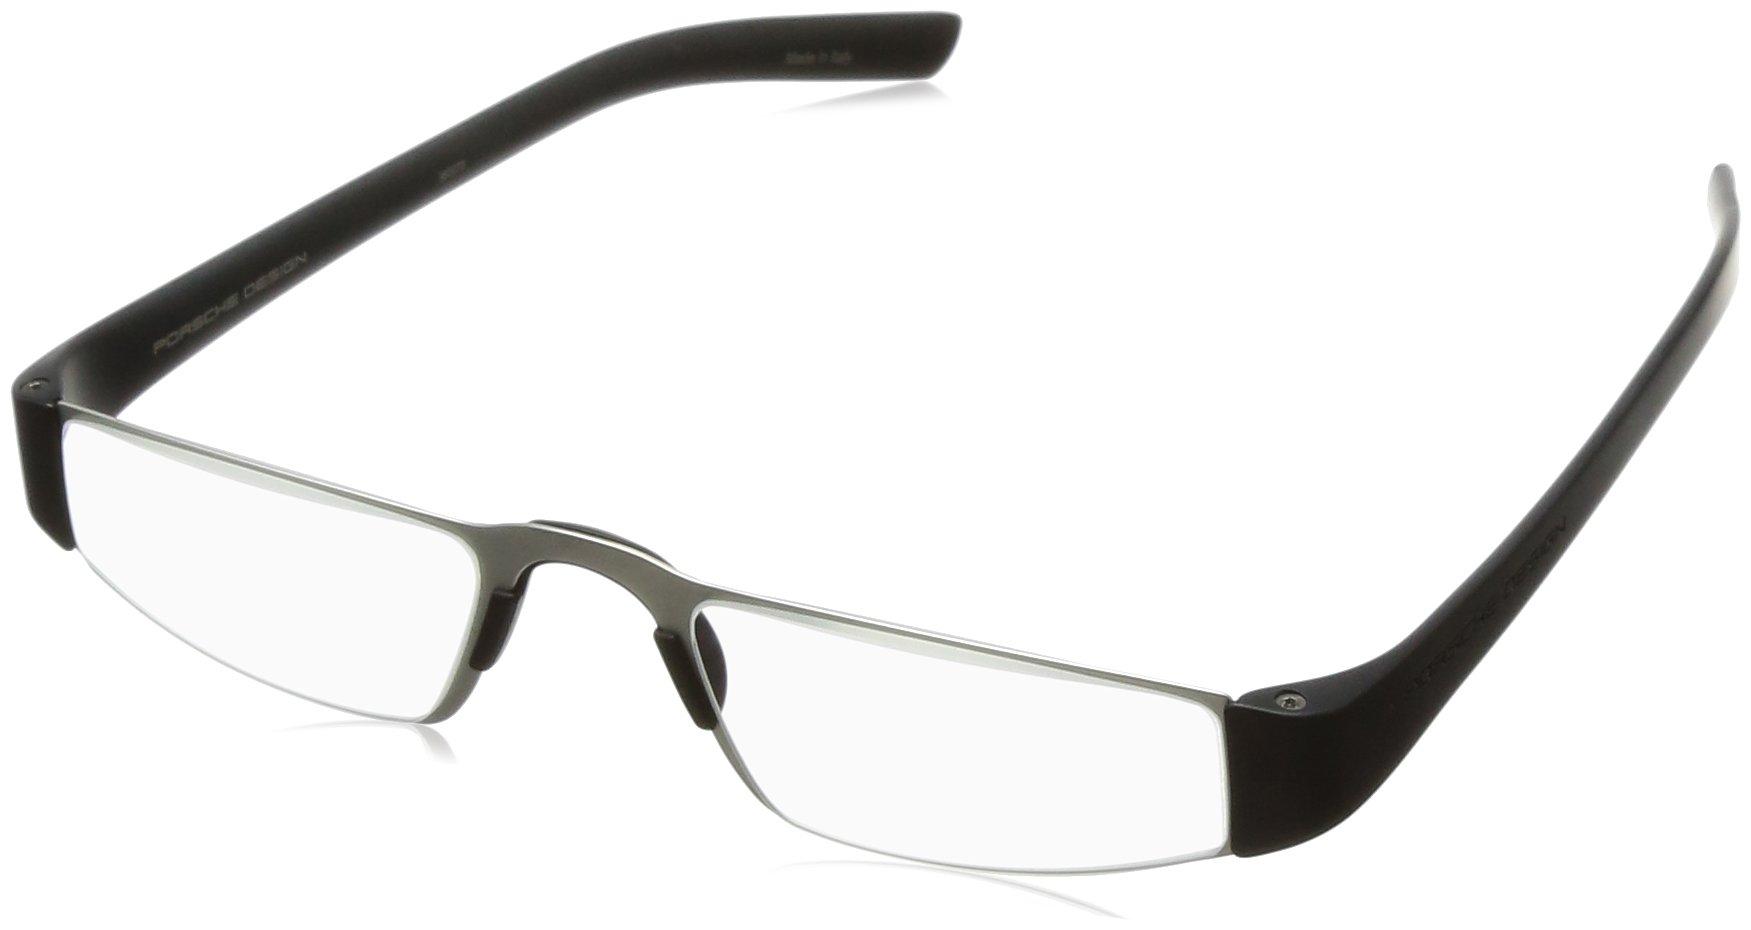 Porsche Designs P8801 +2.50 Reading Glasses A Black Frame Clear Lenses Size 48-20-150